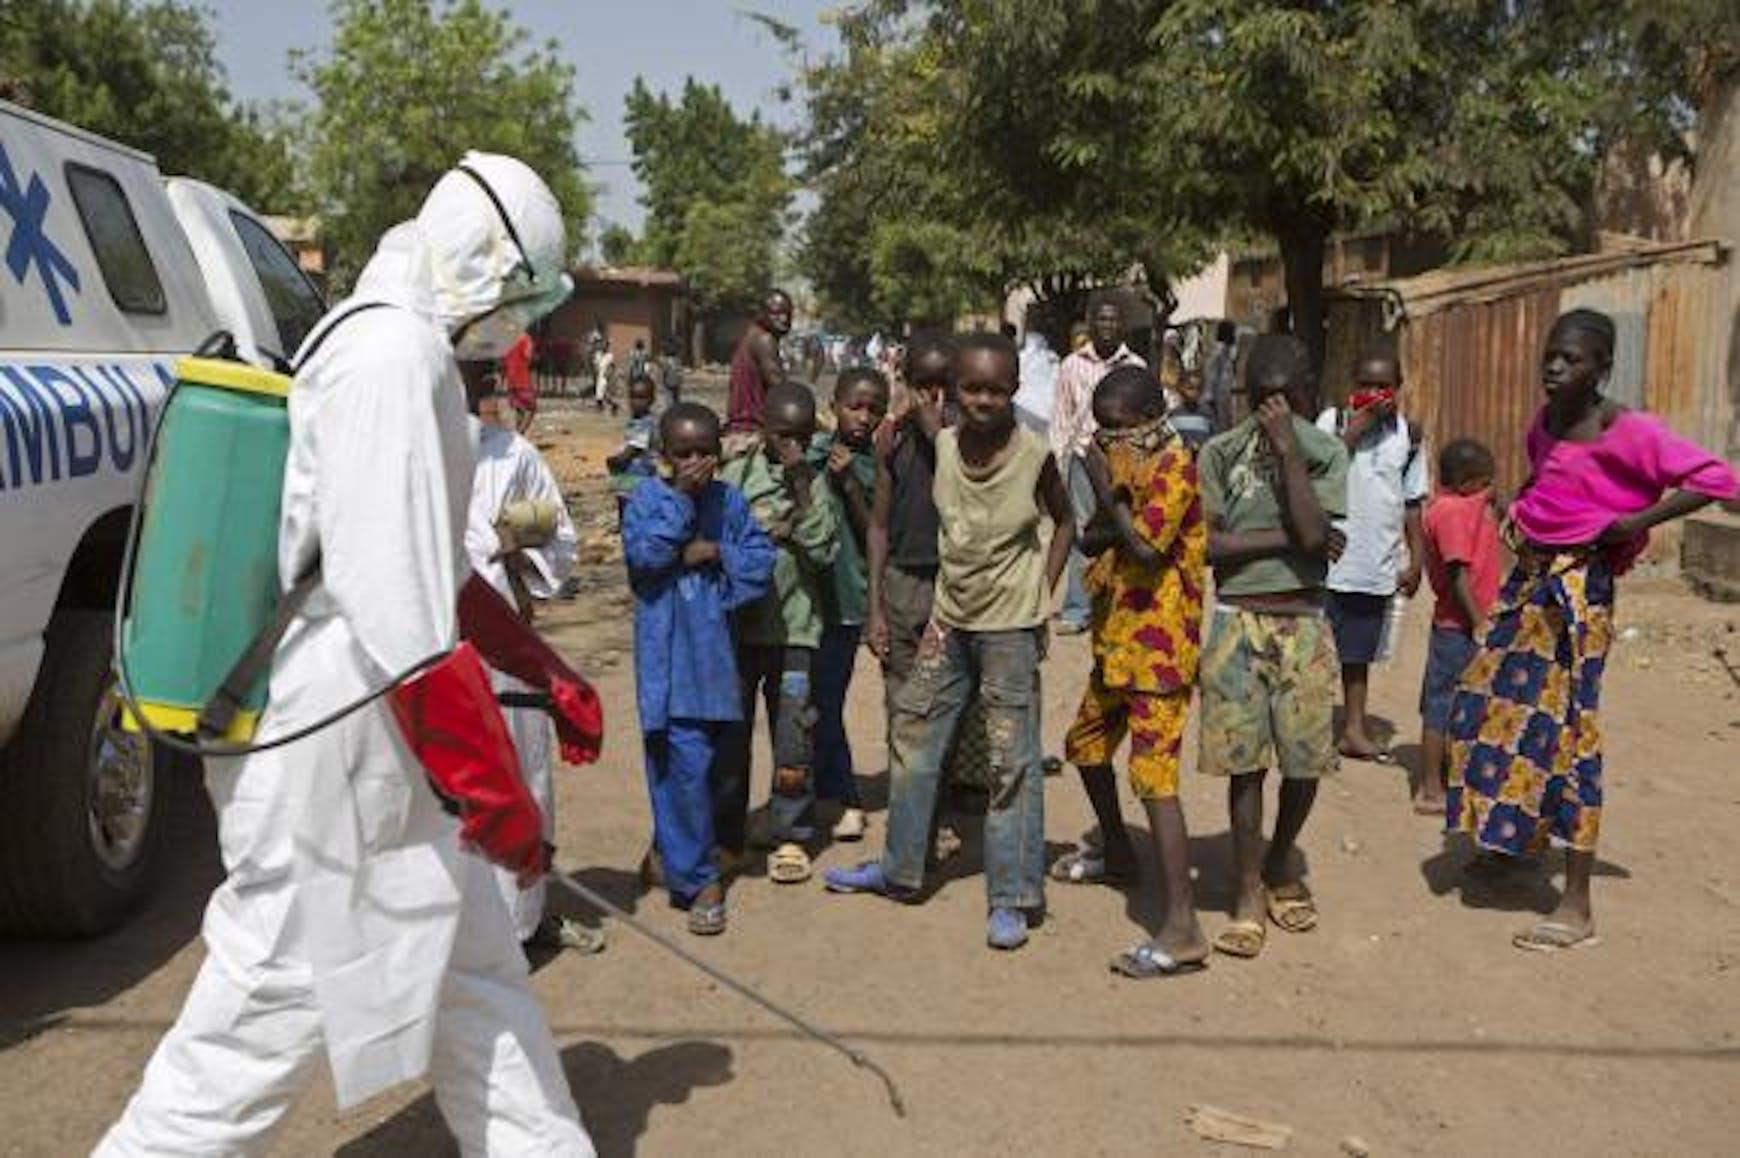 Un operatore sanitario con le protezioni anti-Ebola in una strada di Bamako - ©Reuters/Joe Penney